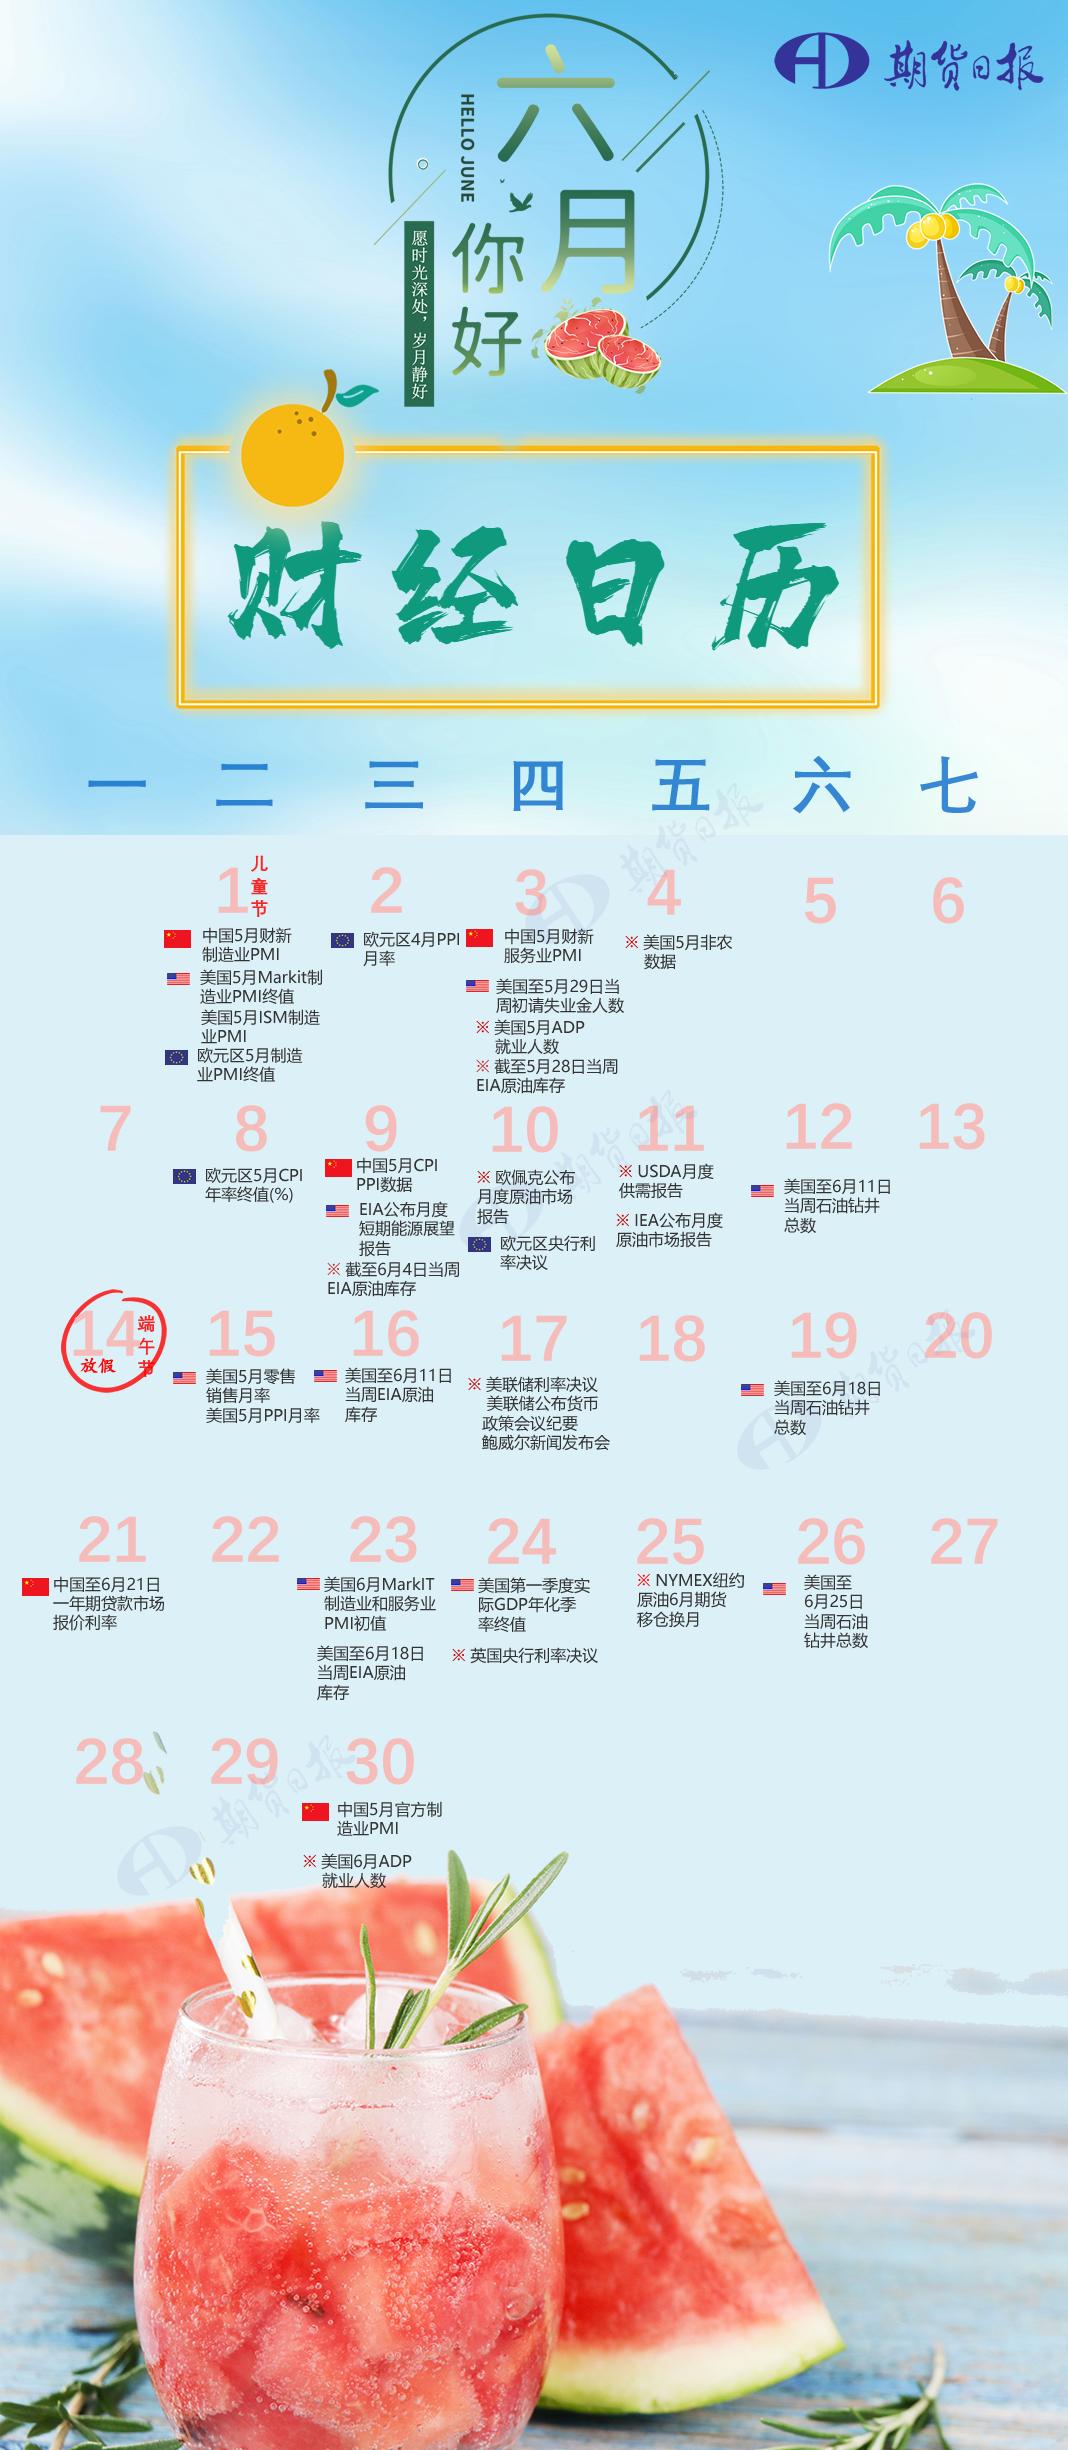 6月期货财经日历,来了